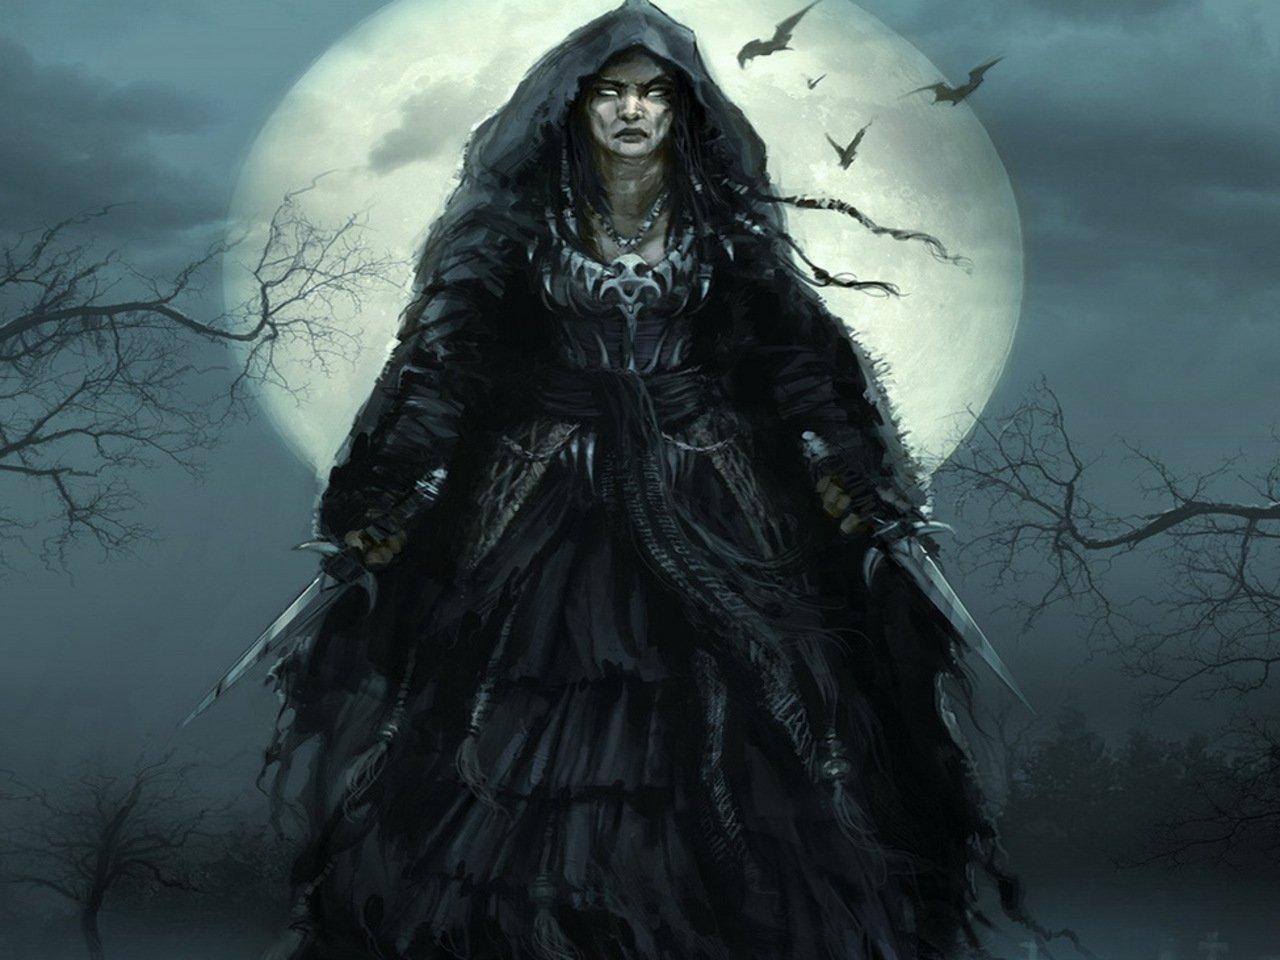 Dark Witch Wallpaper 1280x960 Dark Witch 1280x960